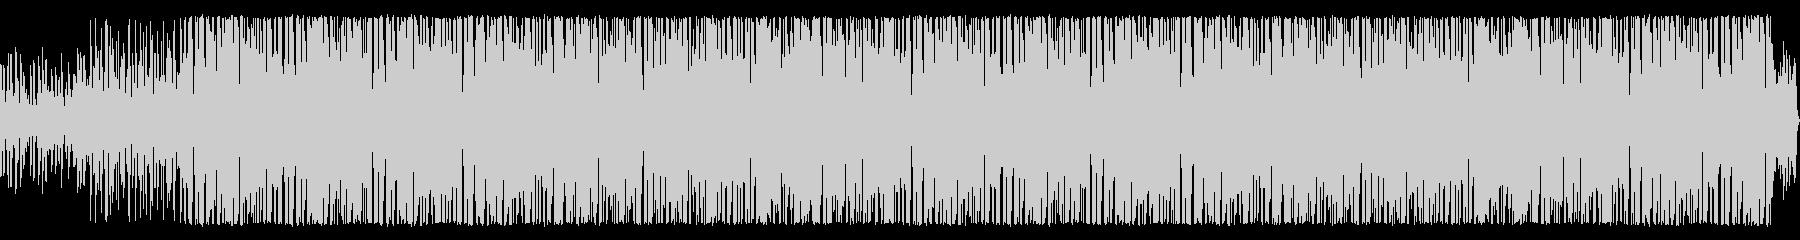 サウスミュージック。ラテンの未再生の波形